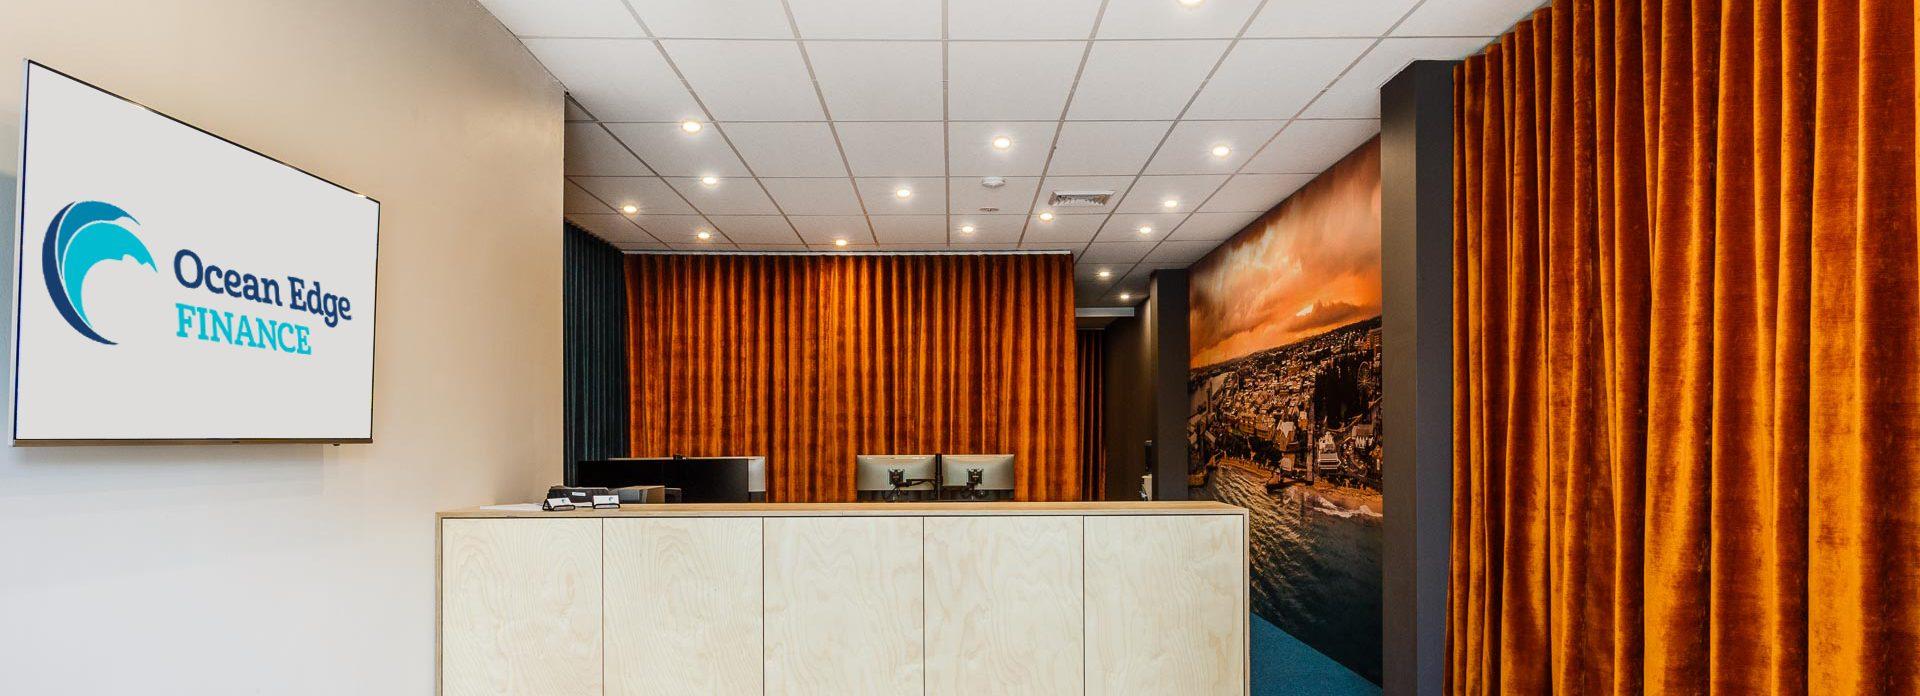 Ocean Edge Finance Foyer